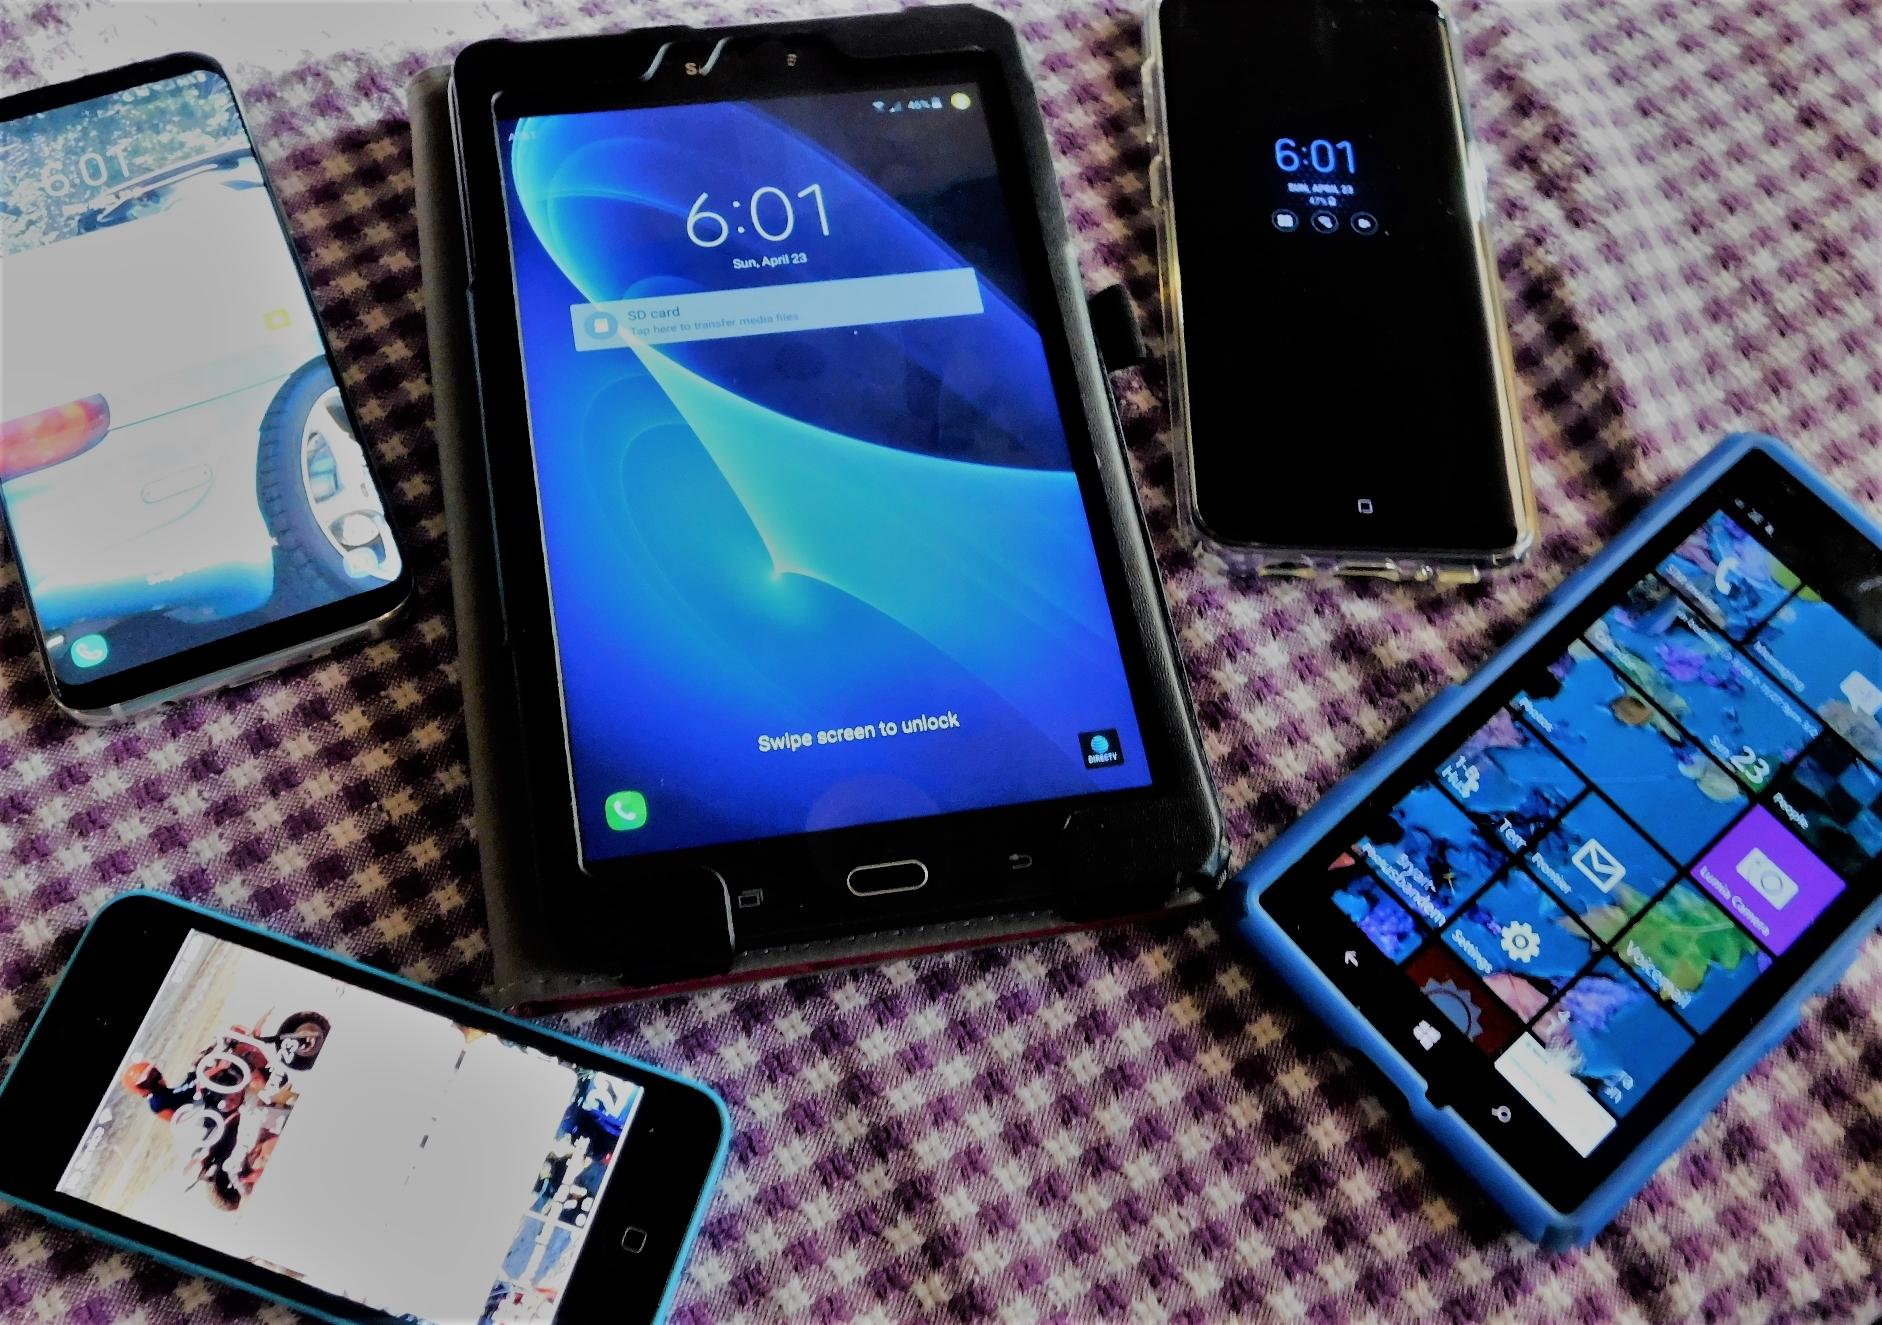 Elektronik Cihazlar Nasıl Çalışır? - Türk Geliştiriciler Topluluğu